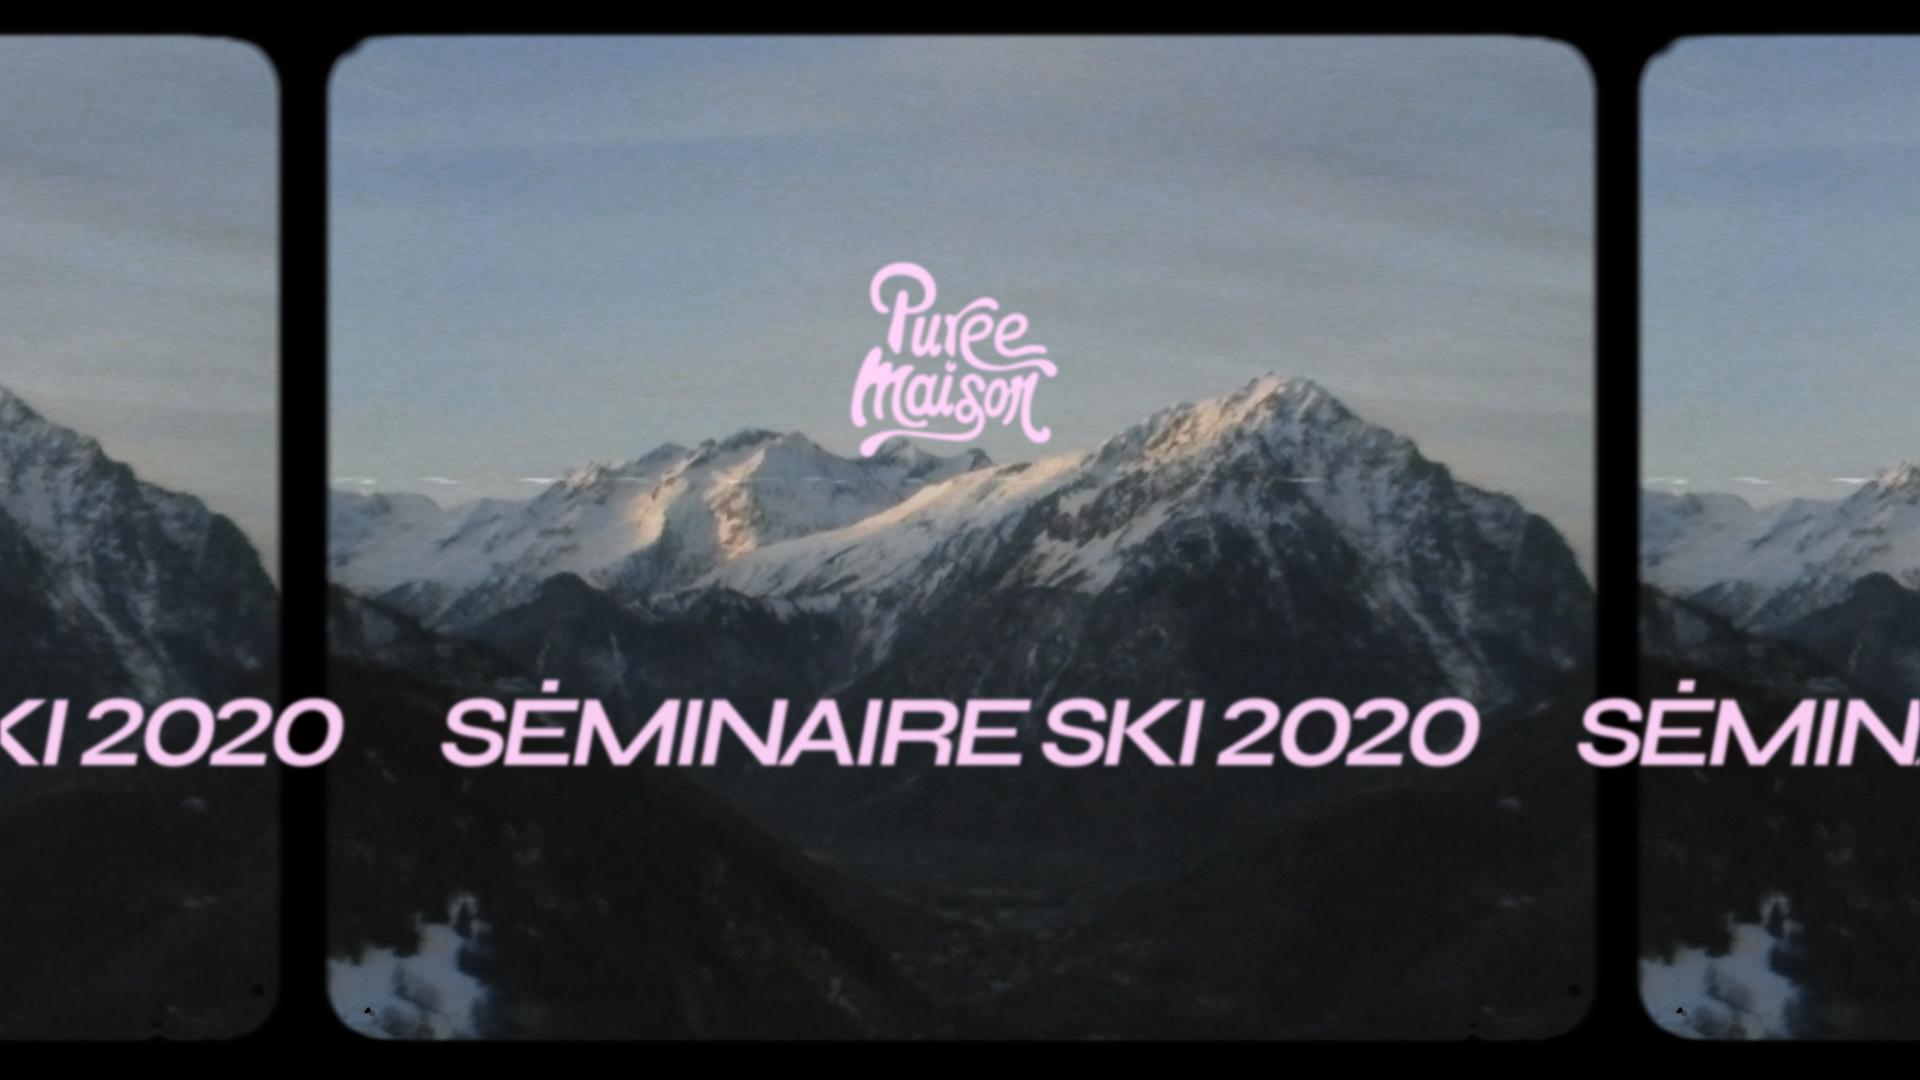 Image du cas client On commence l'année avec la 3ème édition de notre séminaire ski !